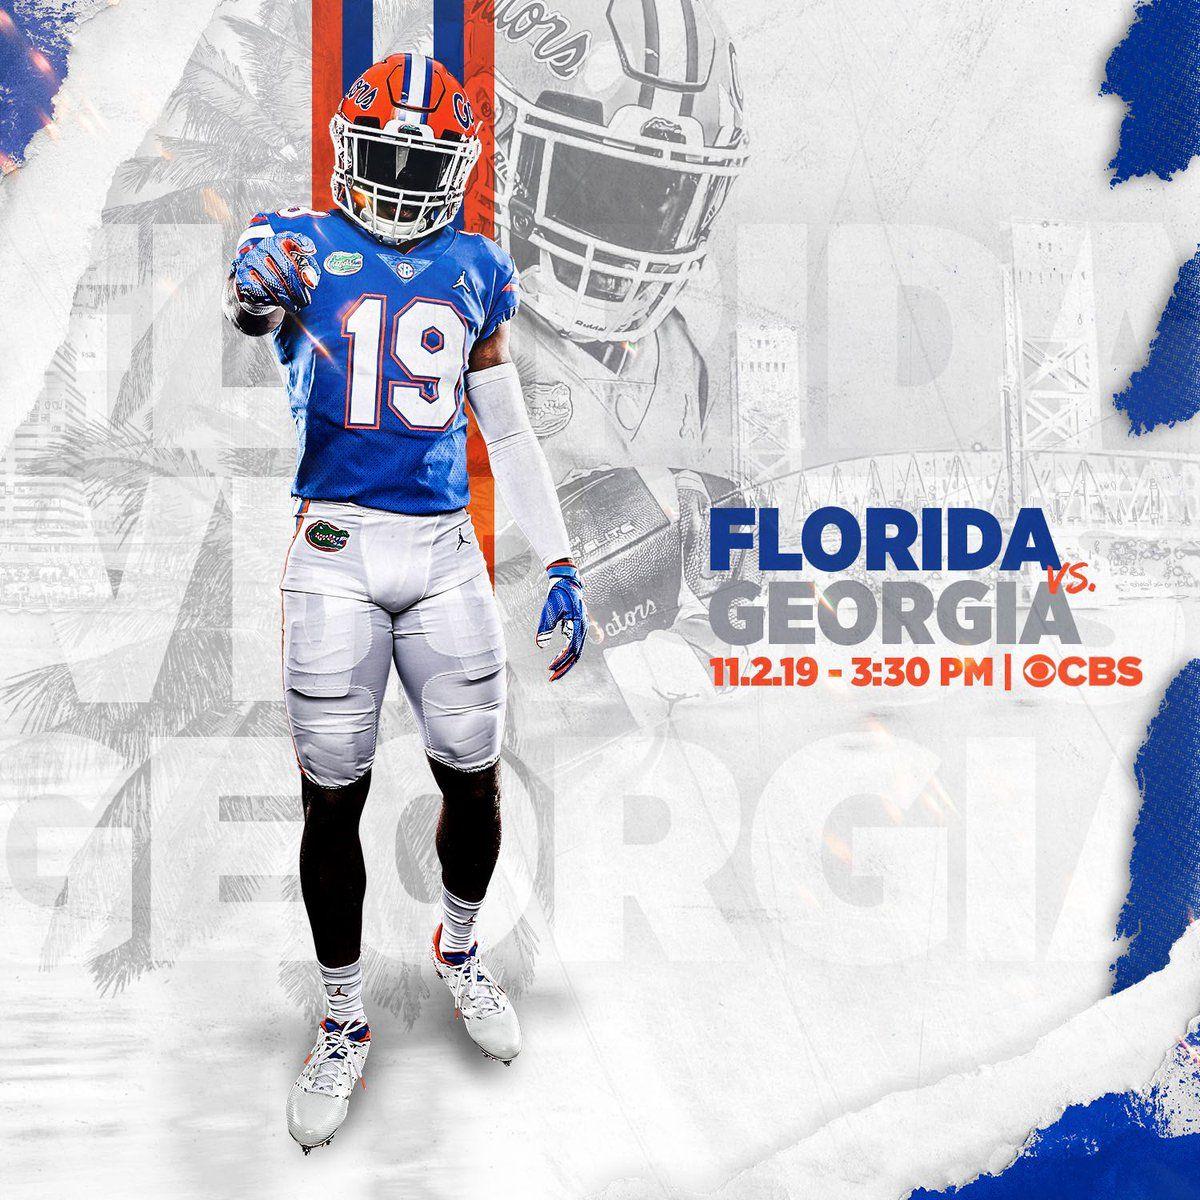 Skullsparks On Twitter In 2020 Football Recruiting College Football Recruiting Football Poster